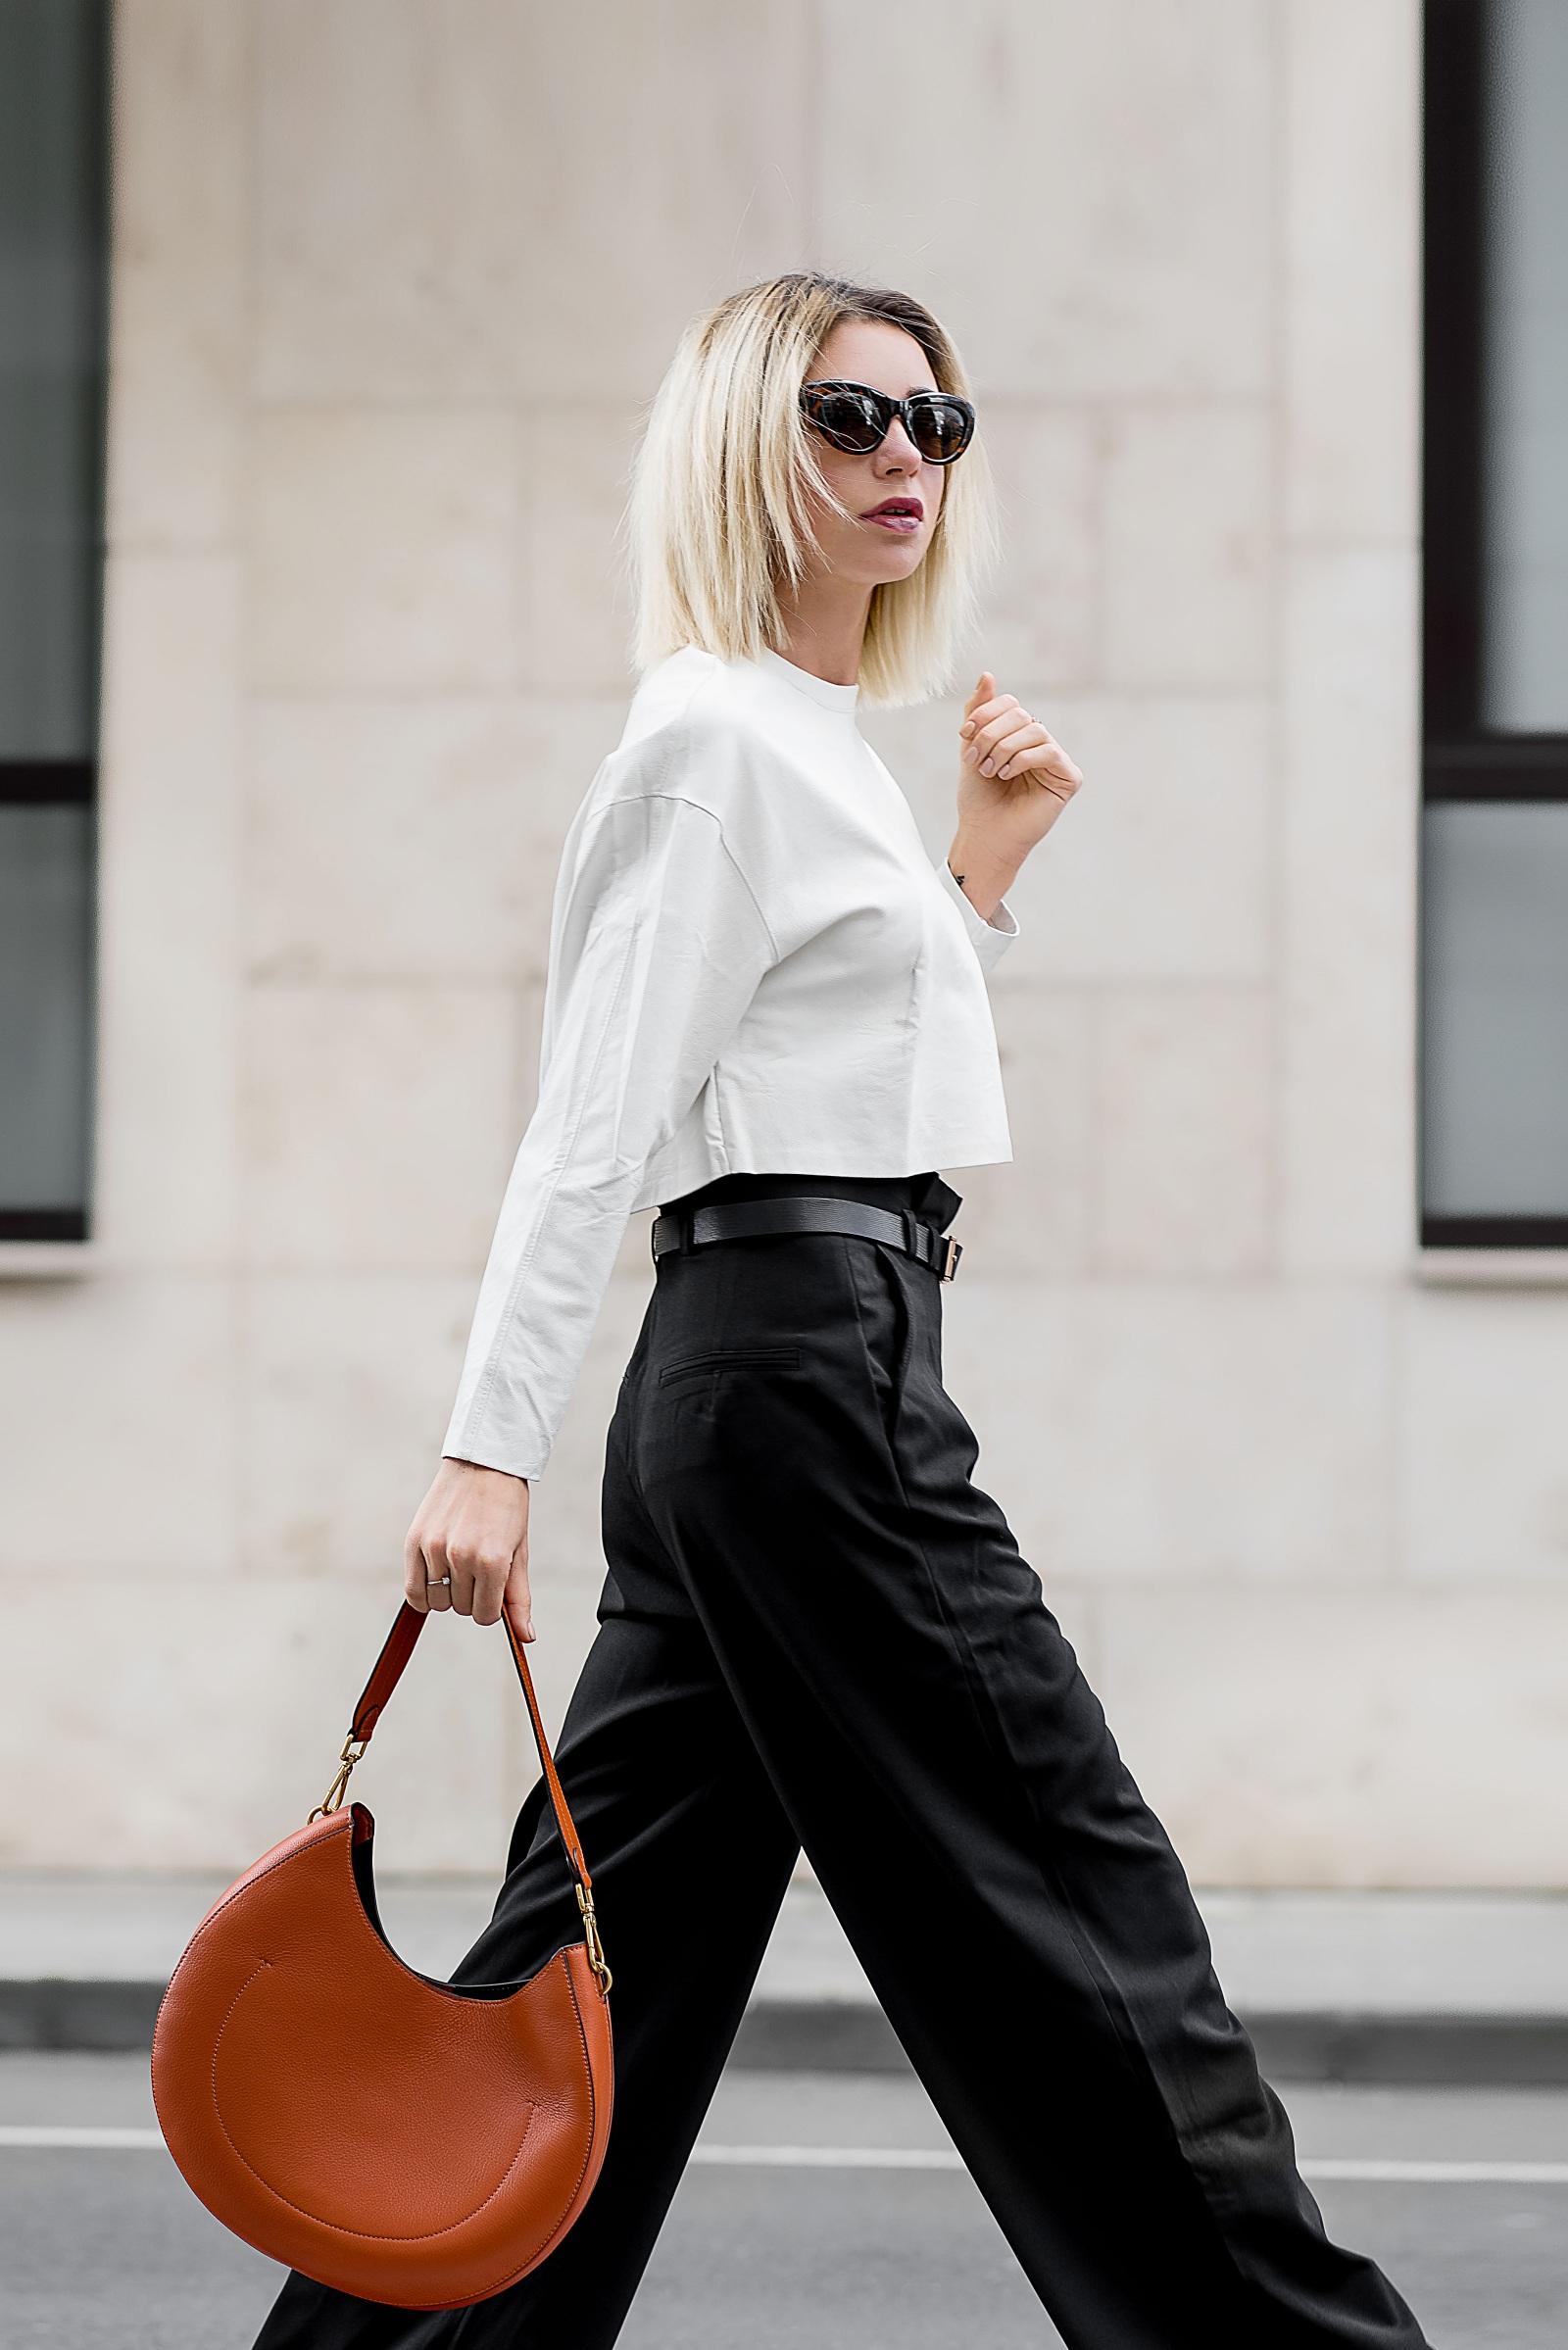 neu-fashionblog-deutschland-streetstyle-blogger-couturedecoeur-instagram-influener-styleblogger-